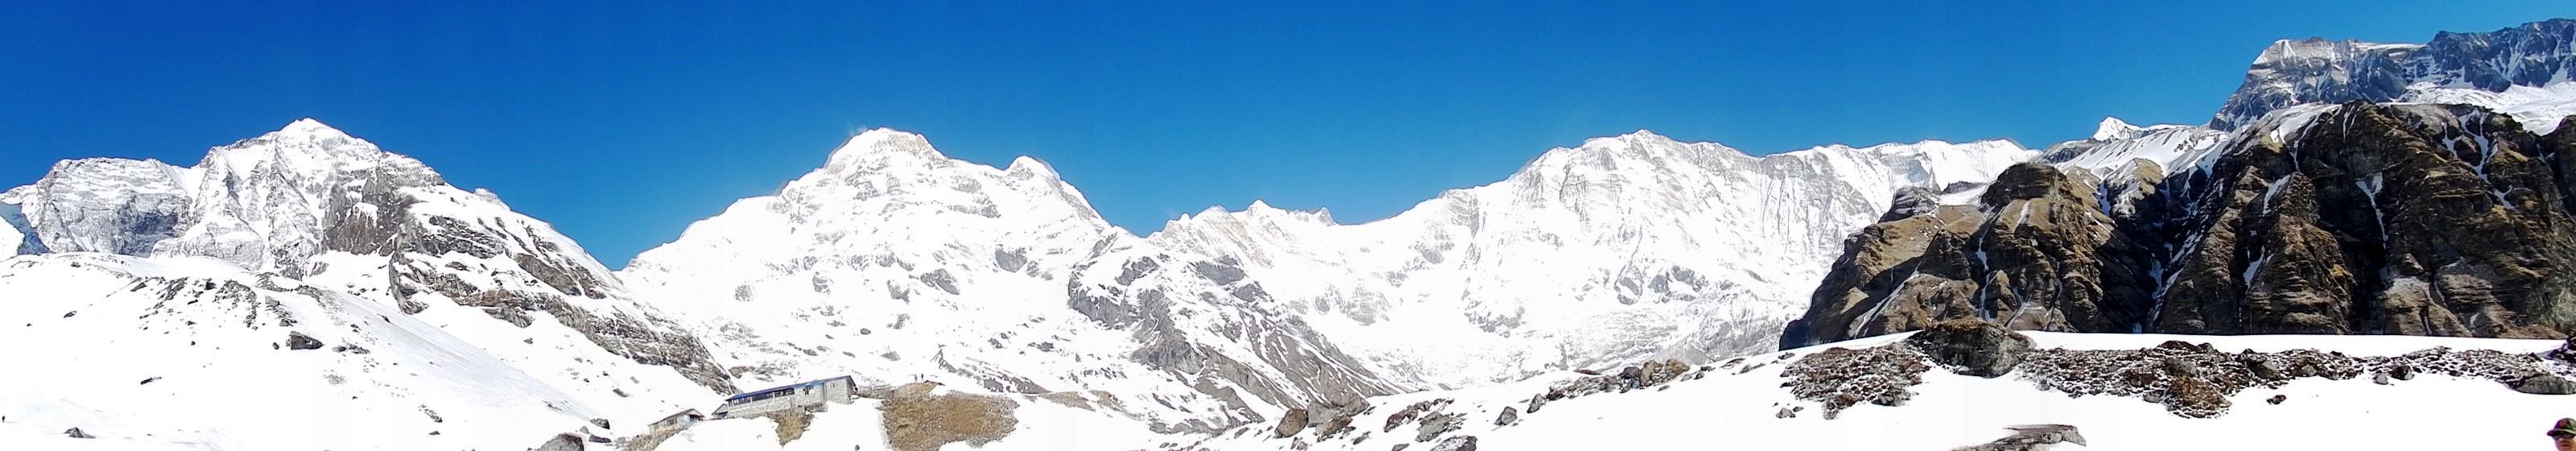 Campo Base Annapurna ABC 45 - 7 rotas de trekking ao redor do mundo que vão te surpreender